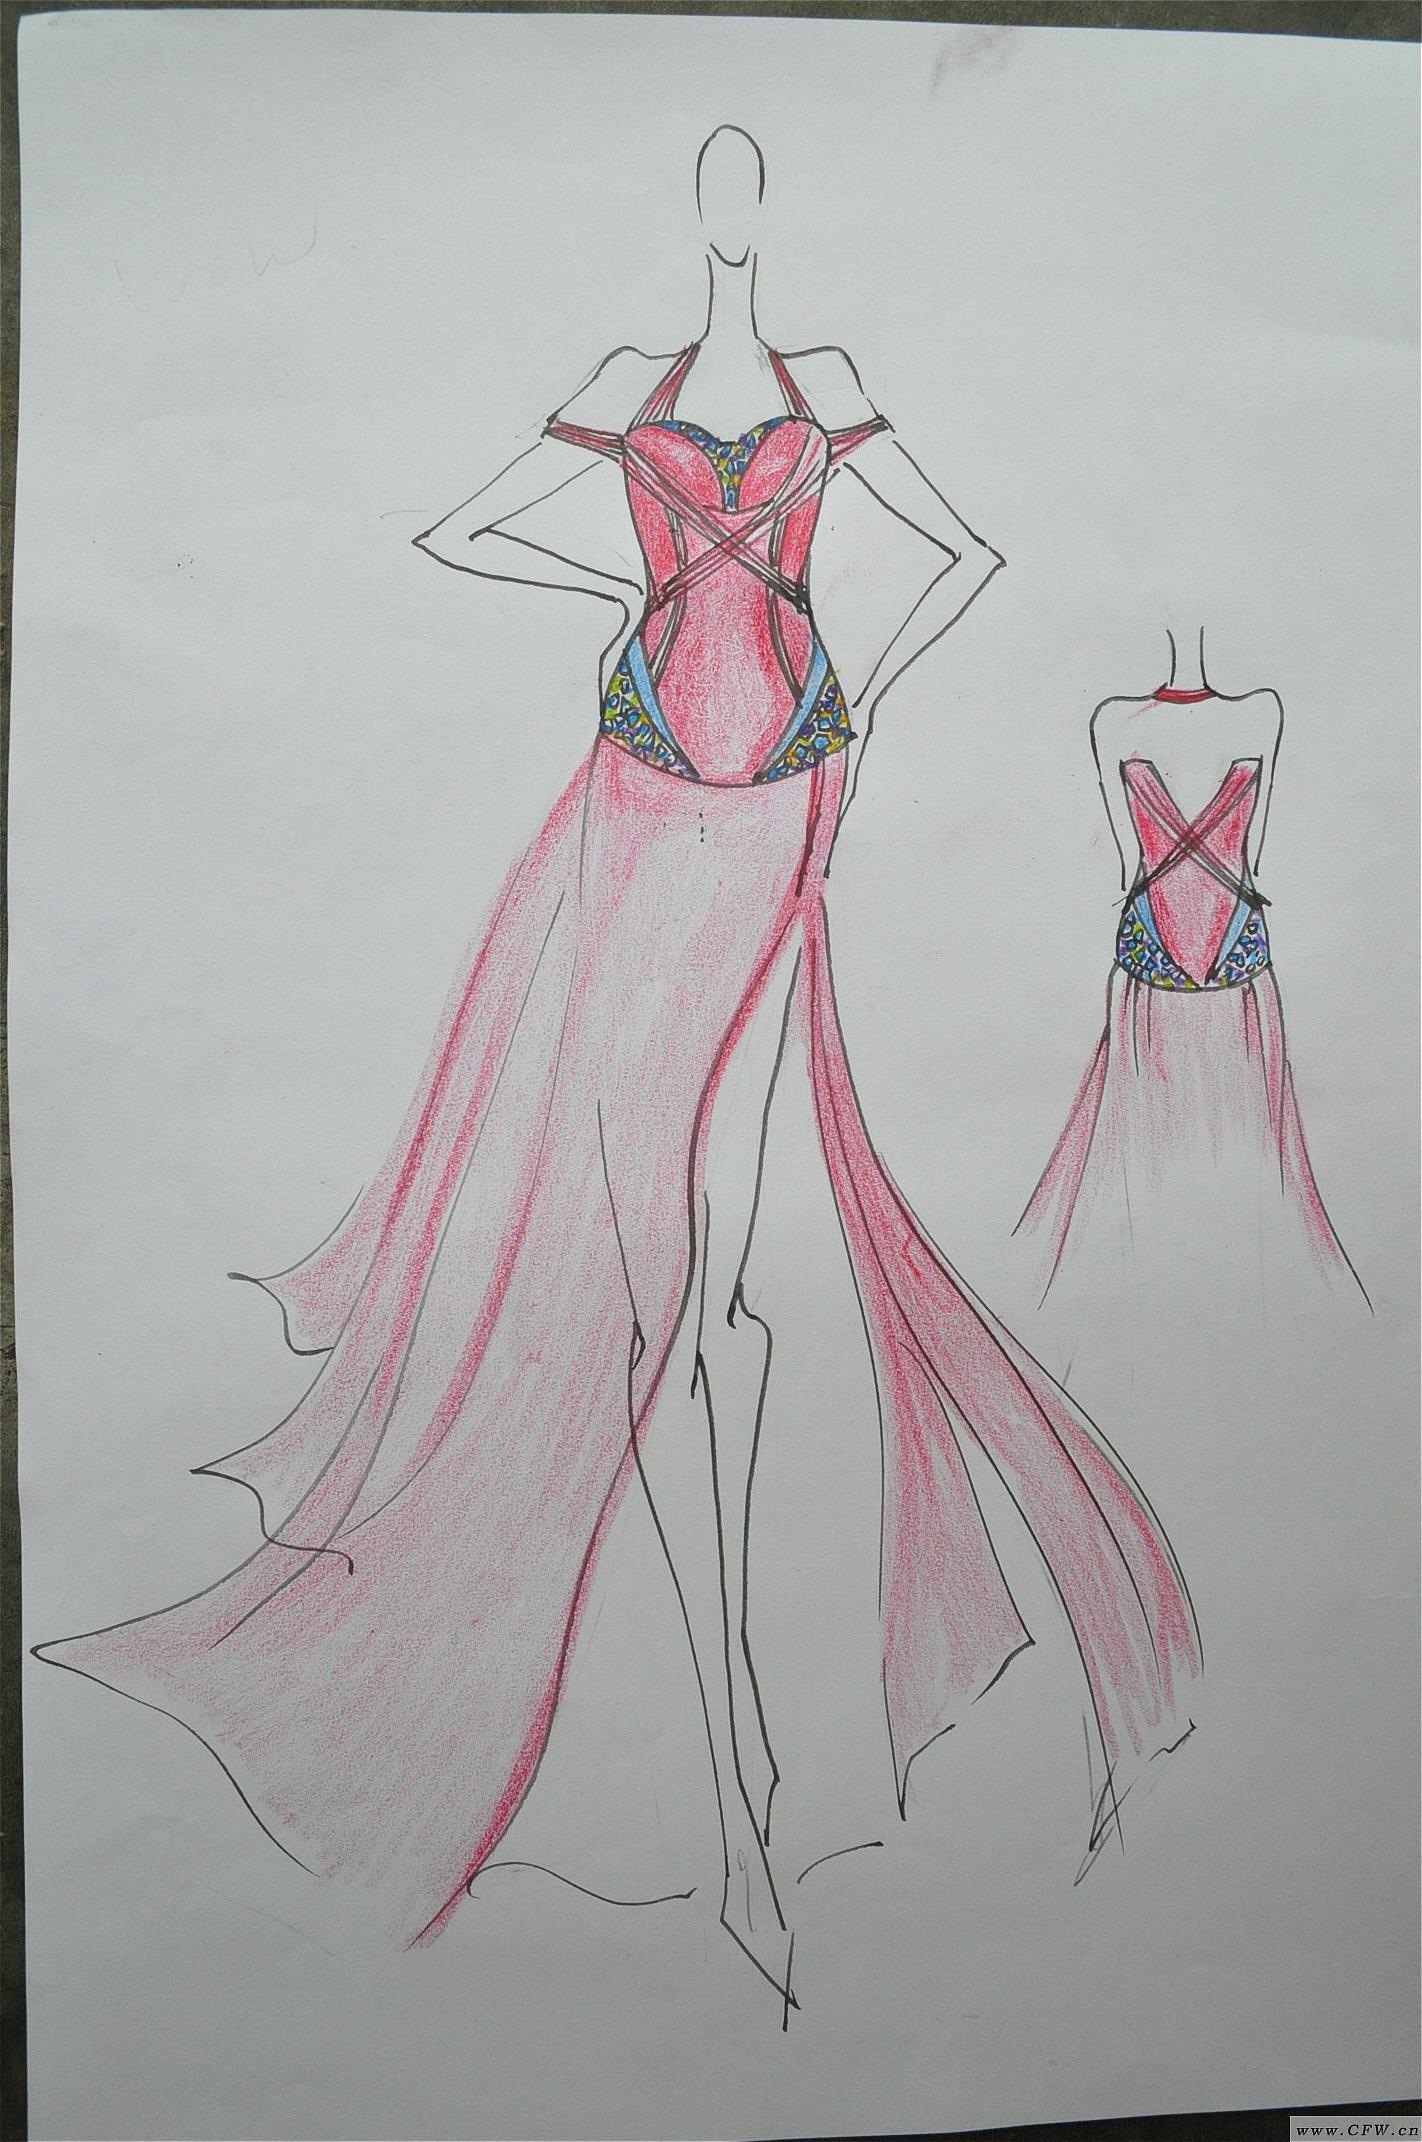 手绘能力展示-婚纱礼服设计-服装设计